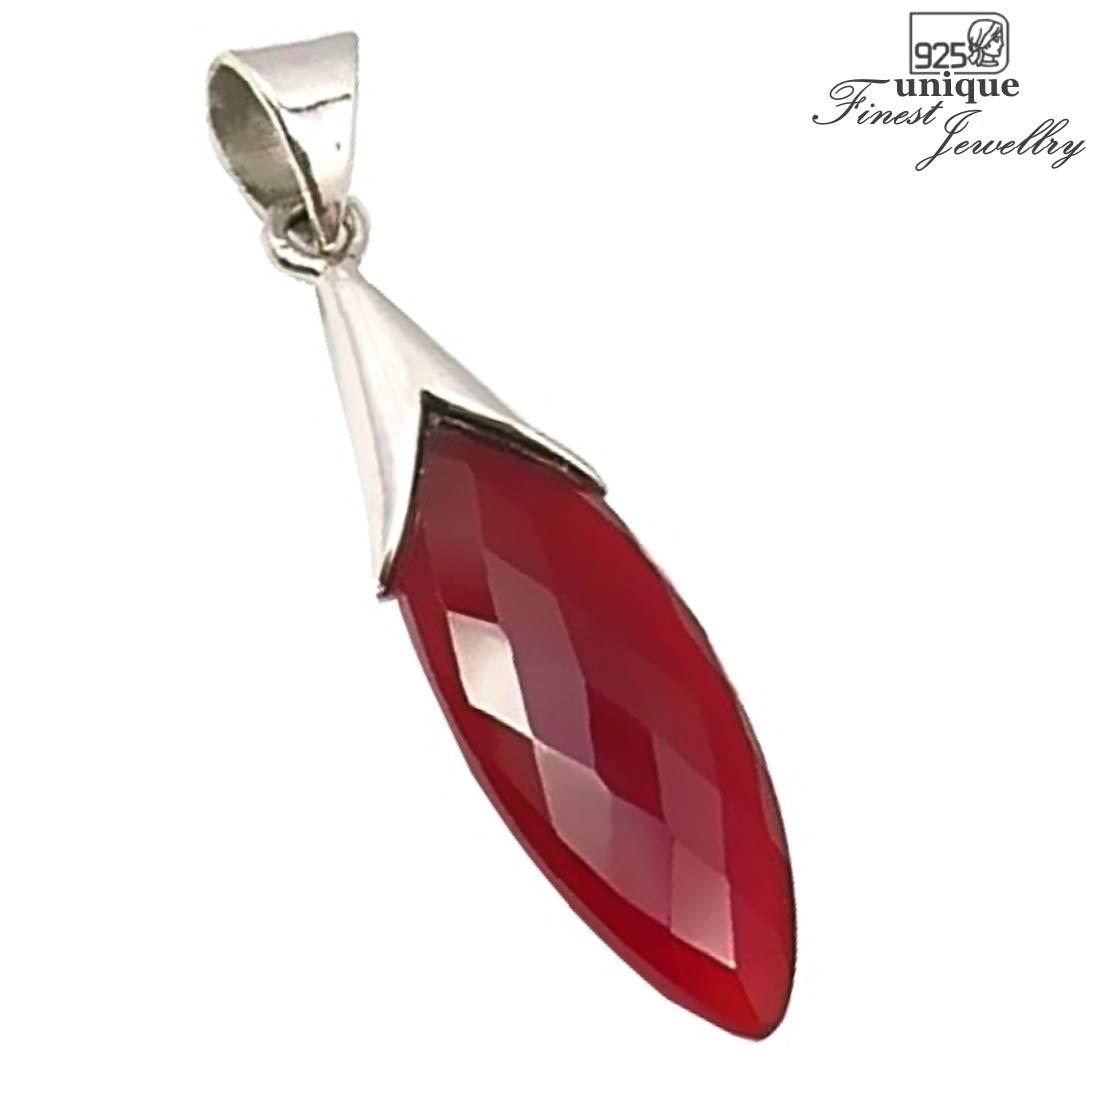 Unique Exklusiver Jugendstil Ketten Anh/änger roter Karneol Tropfen eingefasst in 925 Sterling Silber nickelfrei 8.8 Karat in Juweliers Qualit/ät